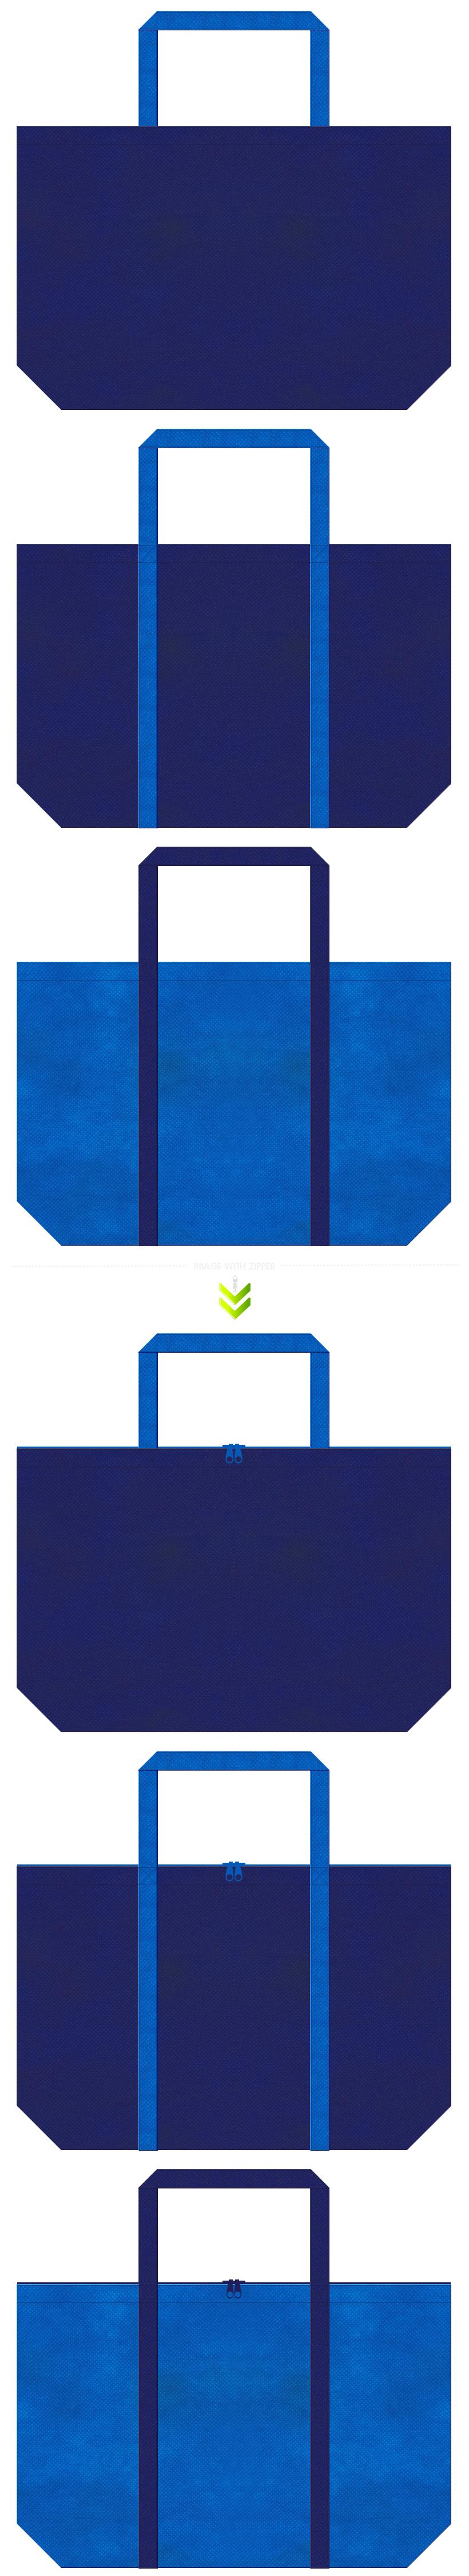 不織布トートバッグ 舟底タイプ 不織布カラーNo.24ネイビーパープルとNo.22スカイブルーの組み合わせ